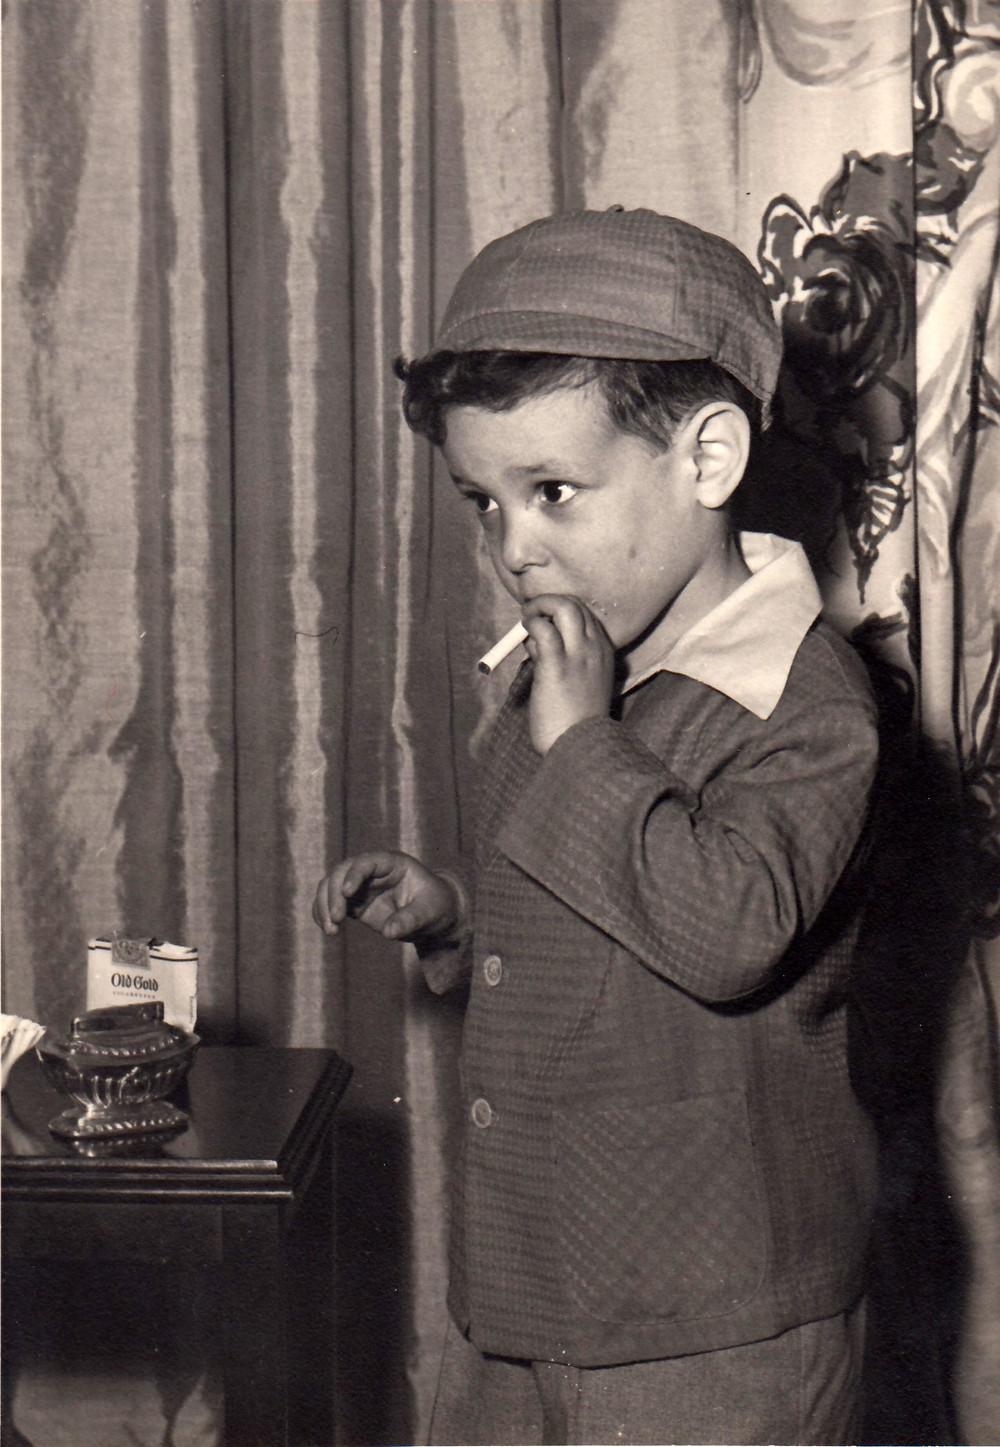 A boy smoking a cigarette